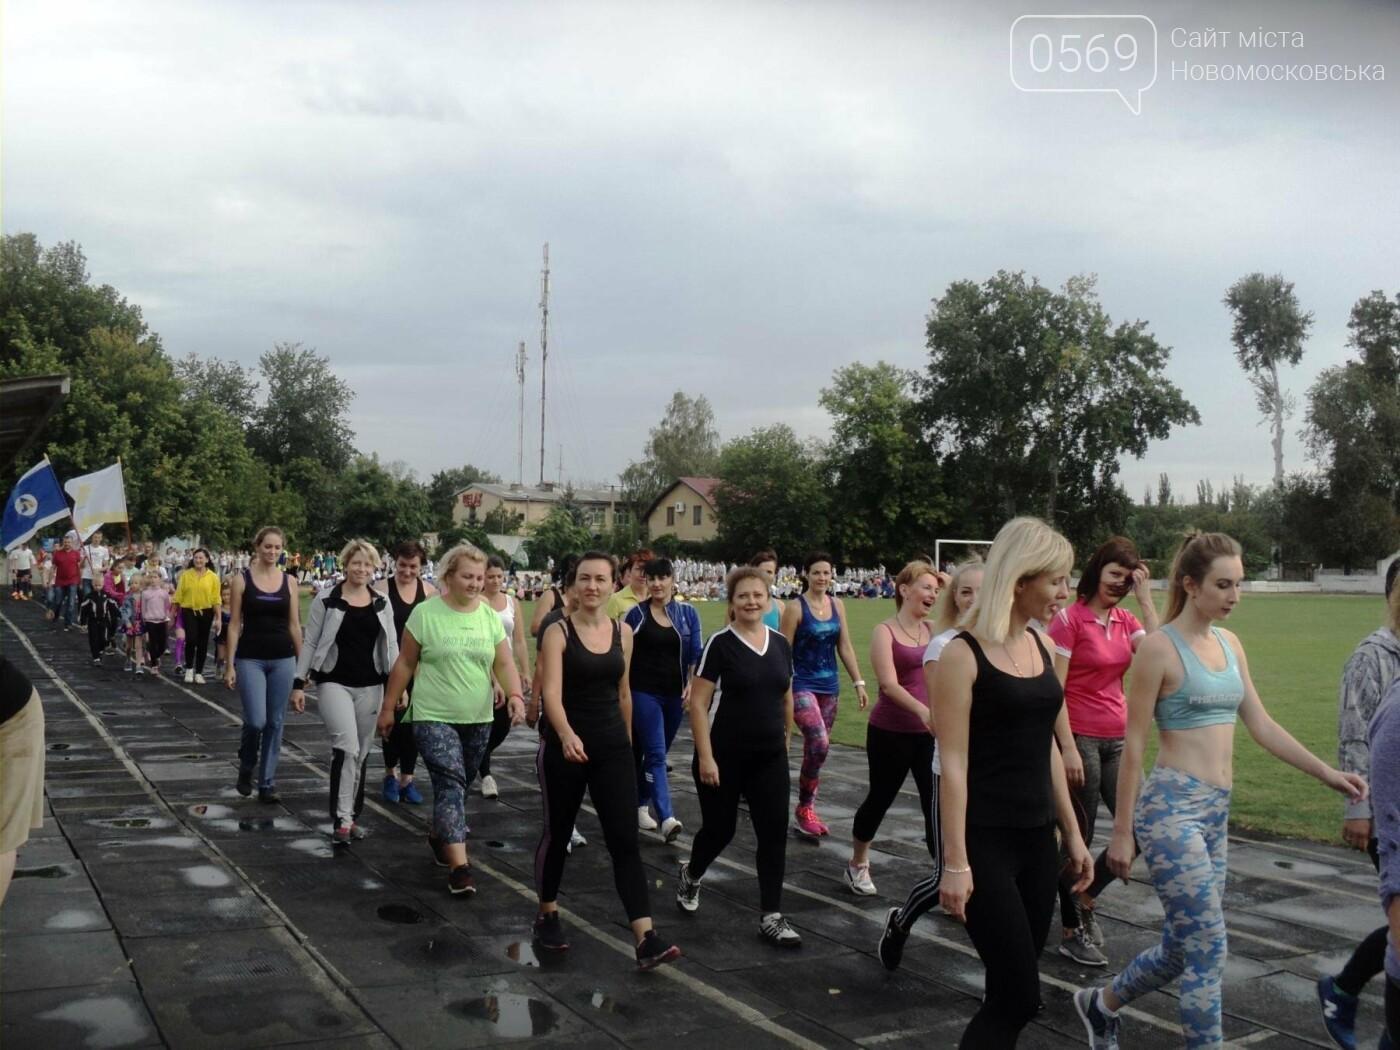 В Новомосковську відсвяткували День фізкультури та спорту, фото-3